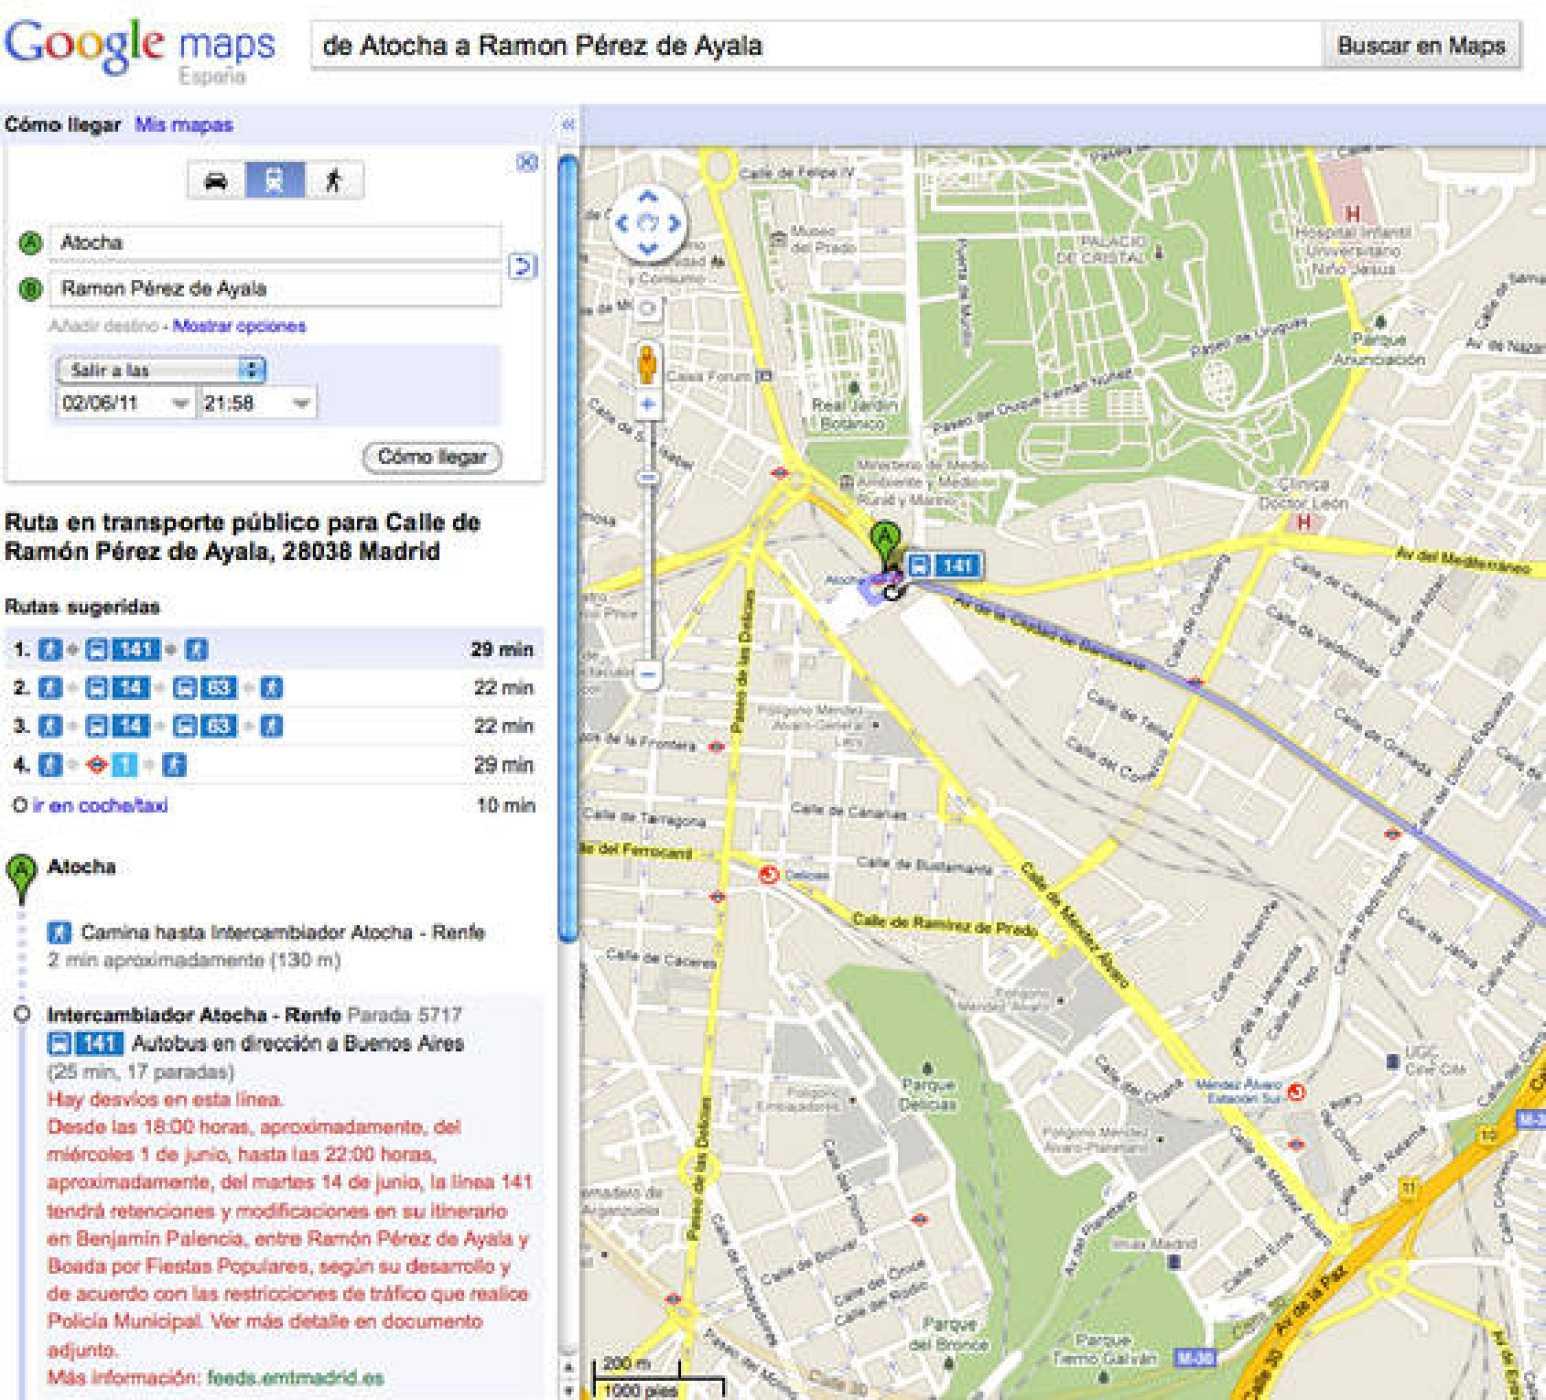 Google Transit ofrece información en tiempo real sobre el transporte público en Madrid